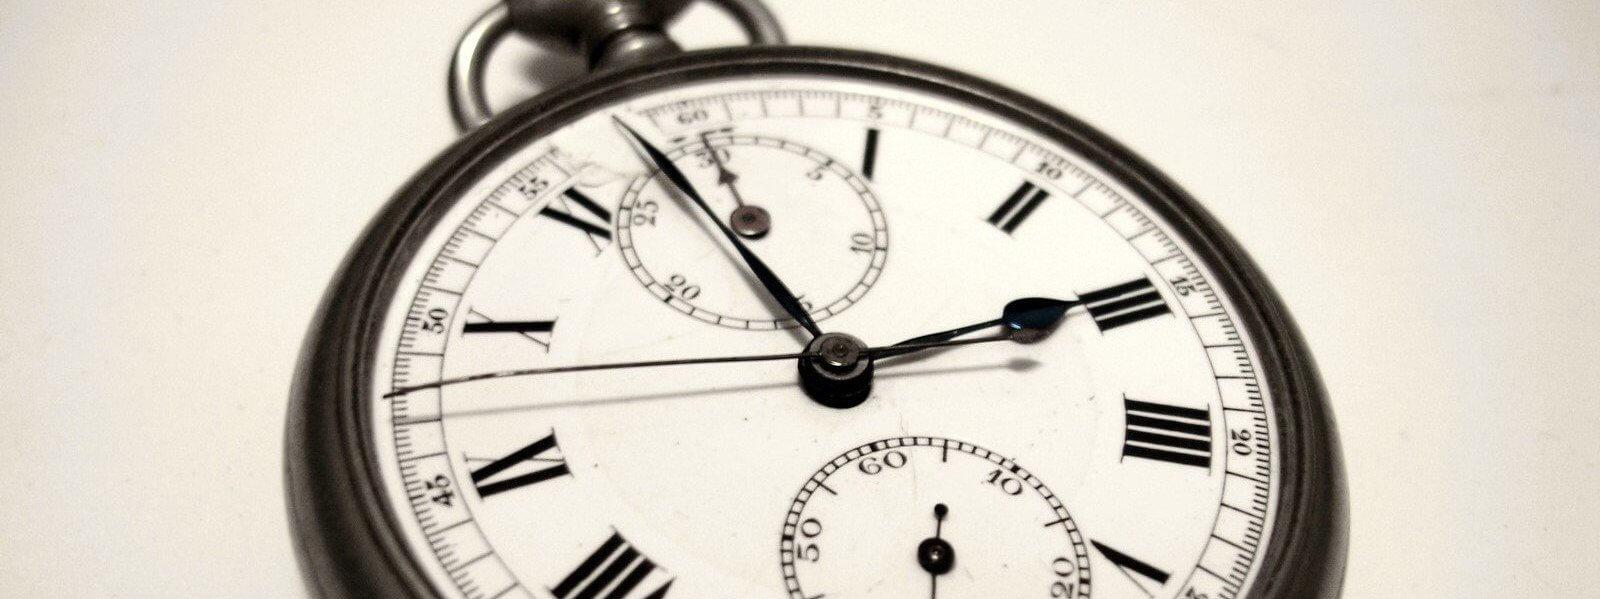 Timelines slider image